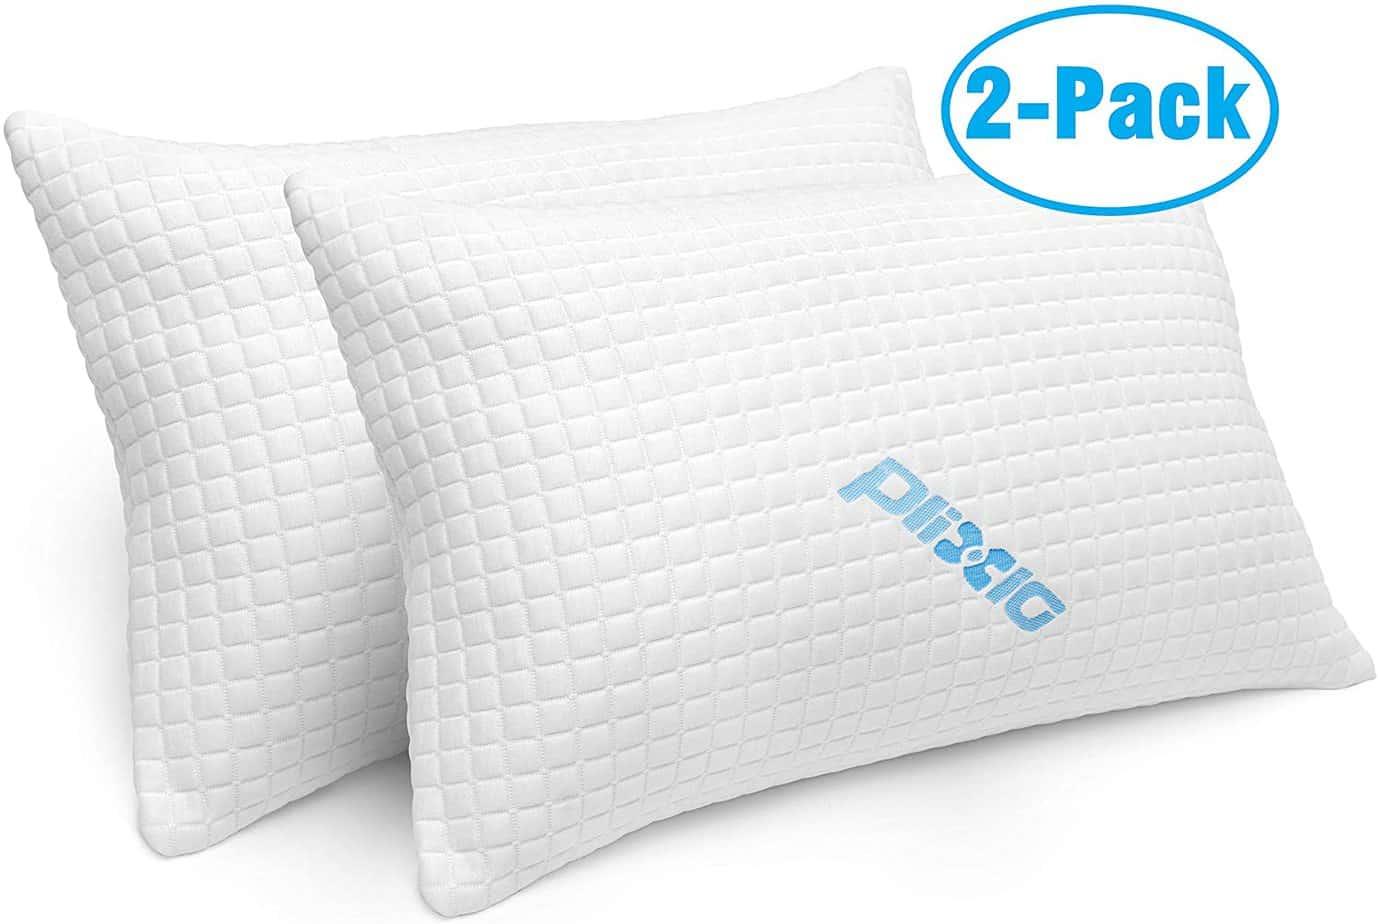 Pack Shredded Memory Foam Bed Pillows